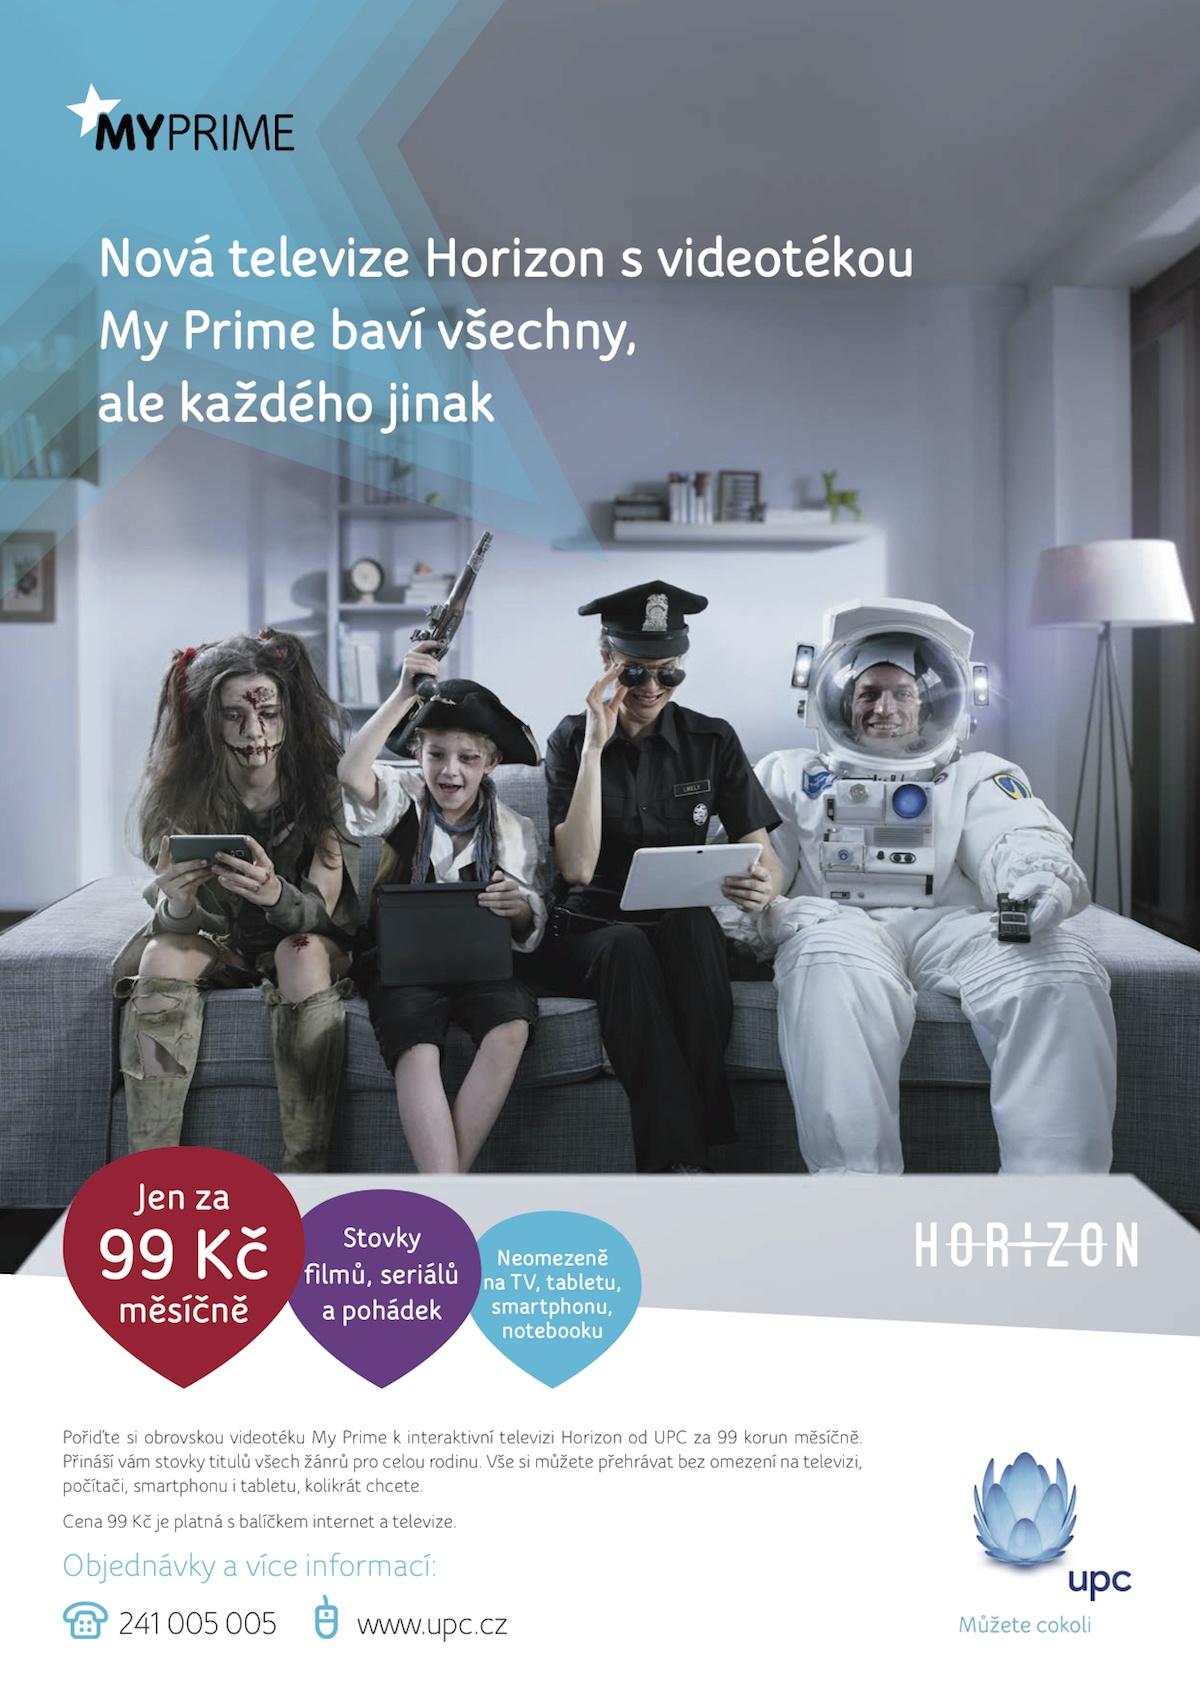 Interaktivní televize Horizon s videotékou My Prime